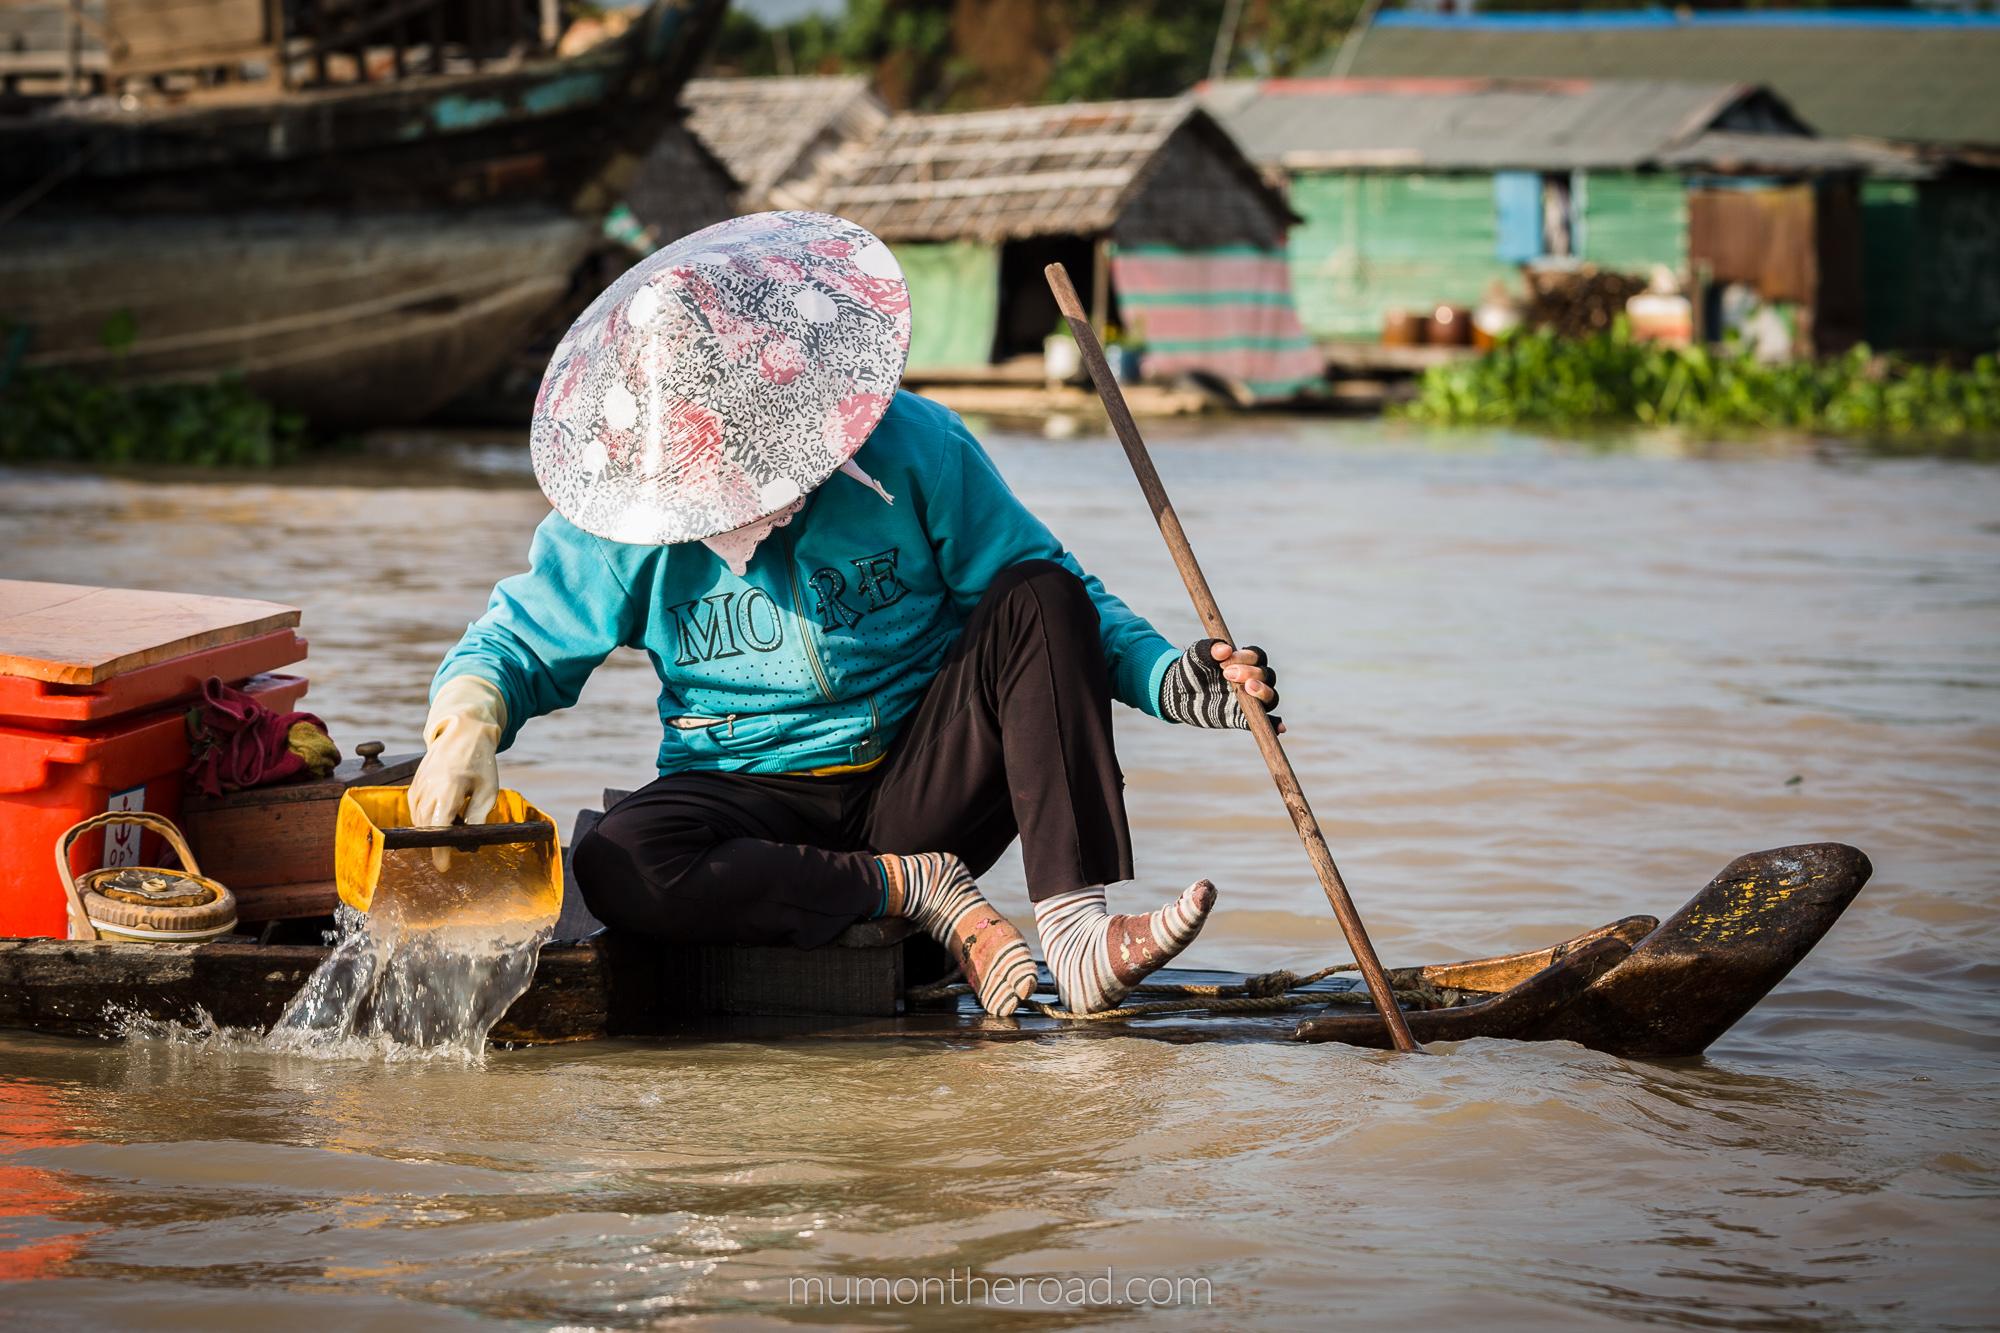 Femme vietnamienne écopant son embarcation dans un Village flottant du tonlé Sap à Kompong Chhnang au Cambodge